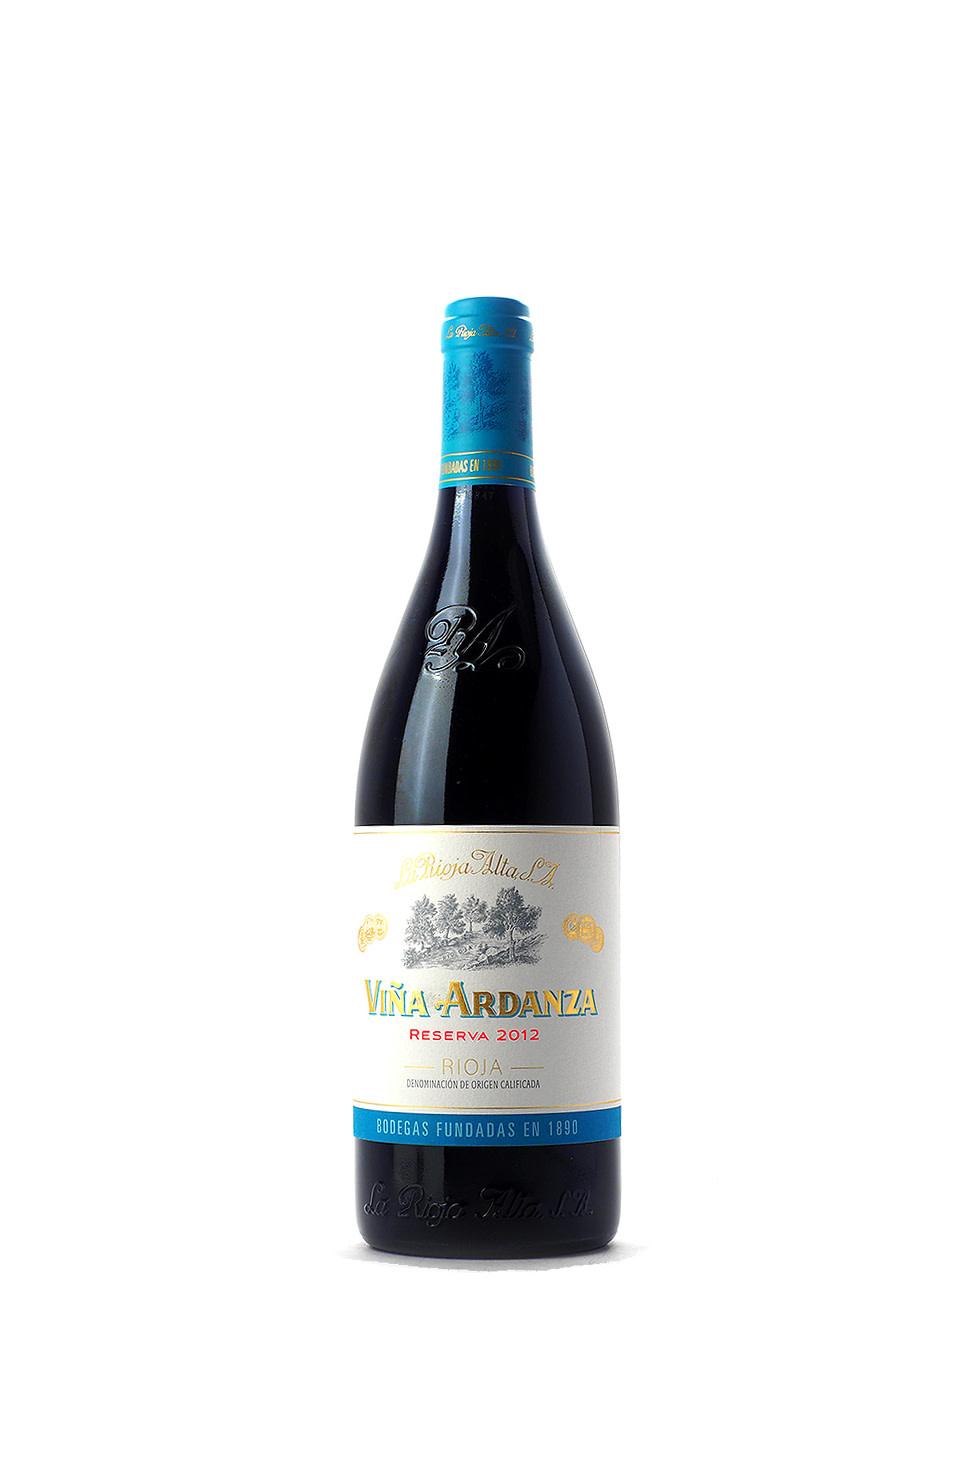 La Rioja Alta Vina Ardanza Rioja Reserva 2012